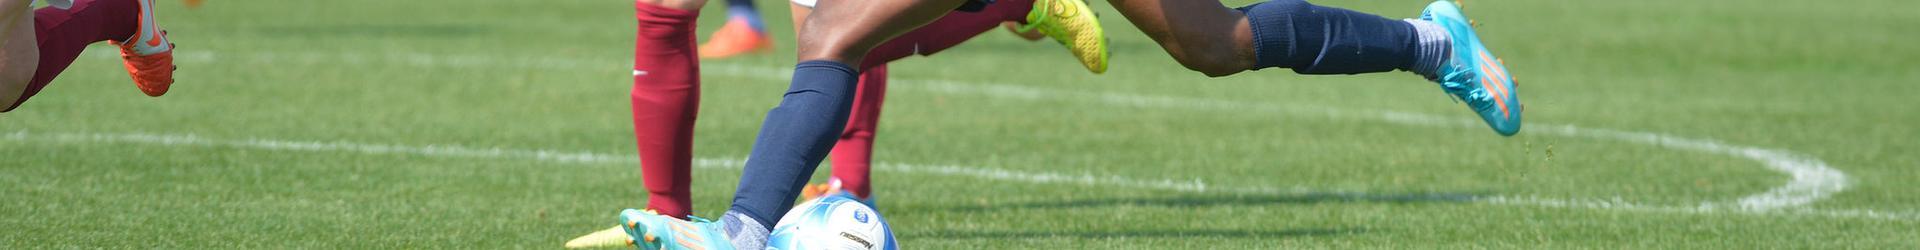 No país do futebol, as mulheres jogam com menos: falta salário, público e estrutura